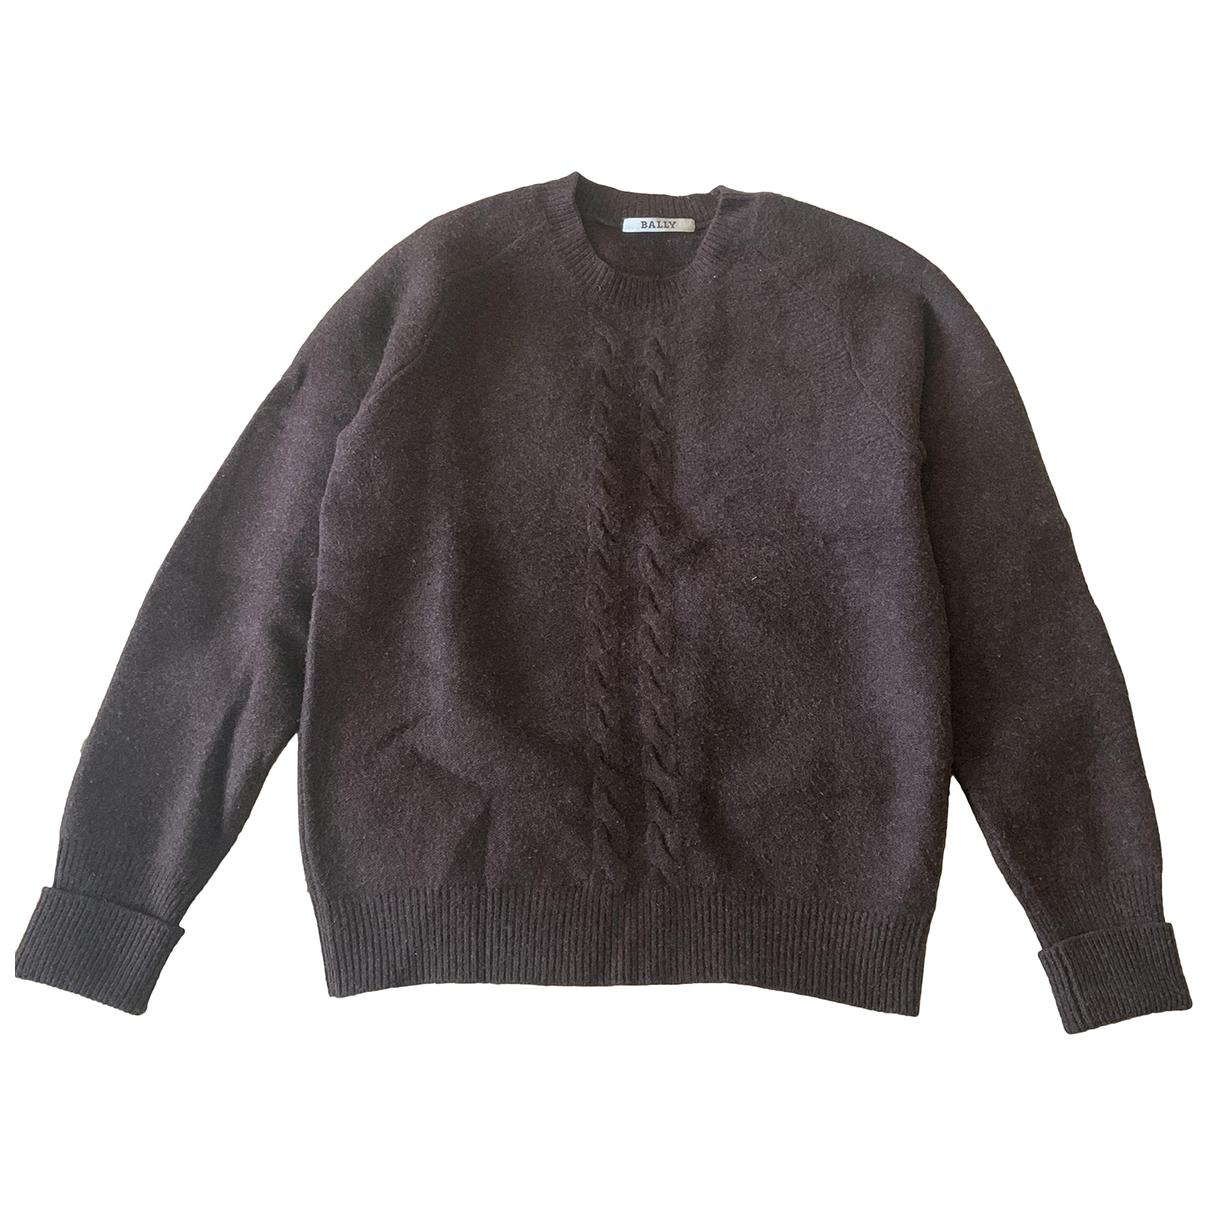 Bally - Pulls.Gilets.Sweats   pour homme en laine - marron